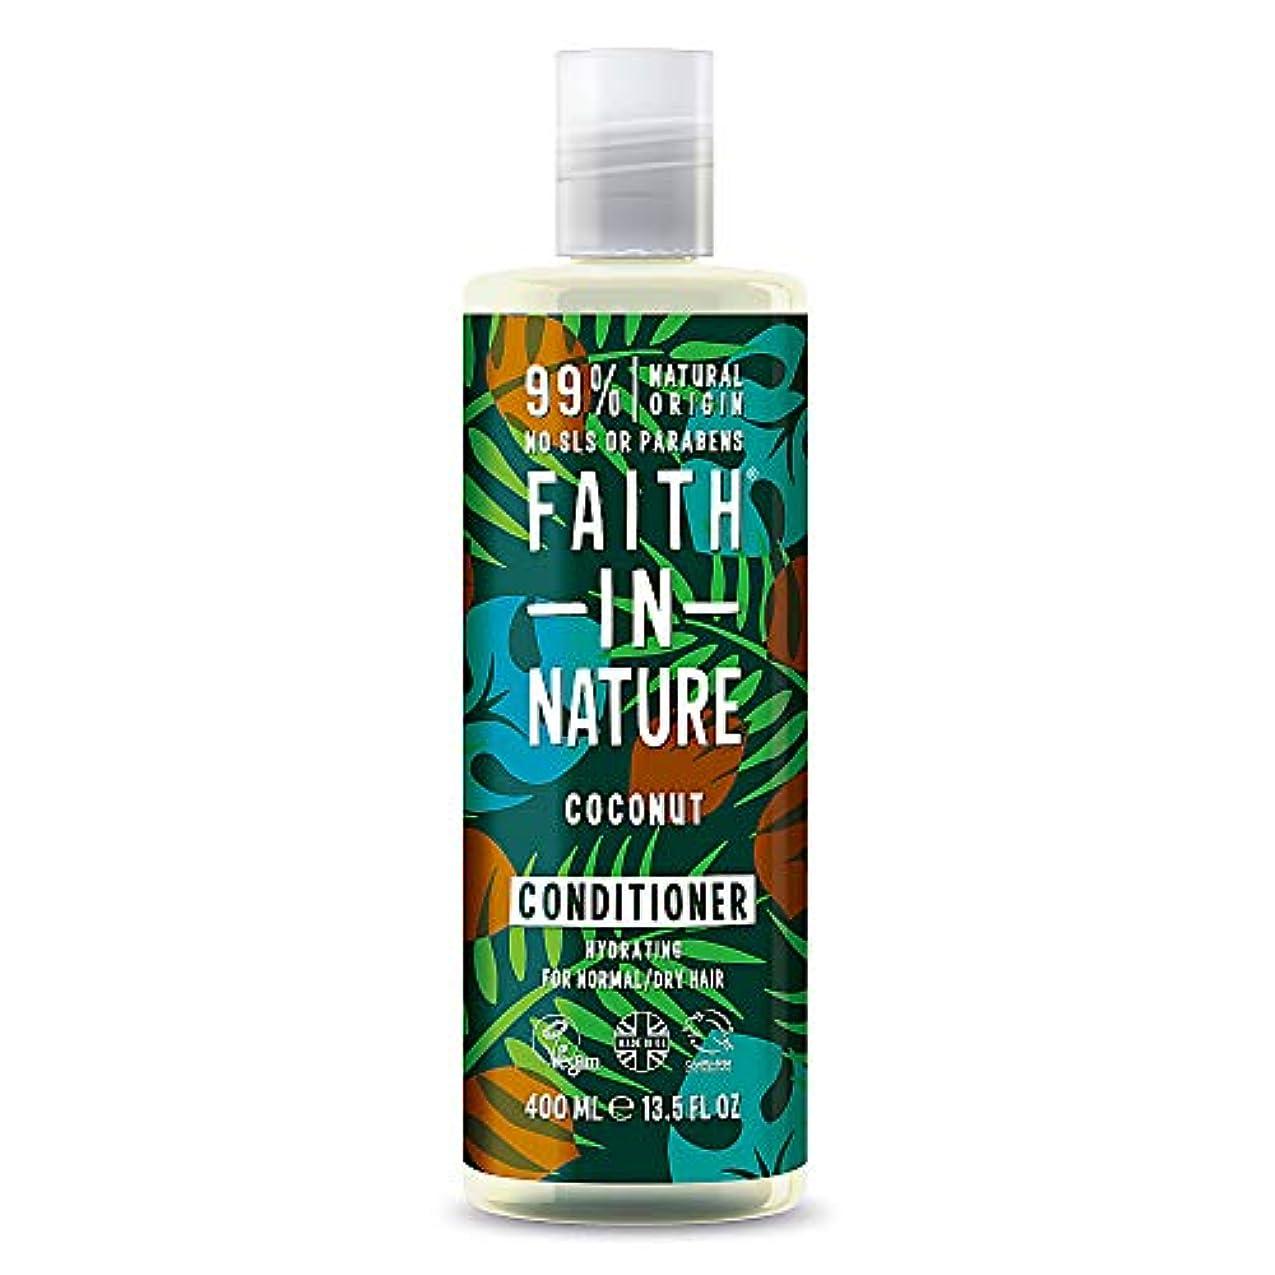 連隊面白い閉塞Faith in Nature - Coconut Conditioner - 400ml